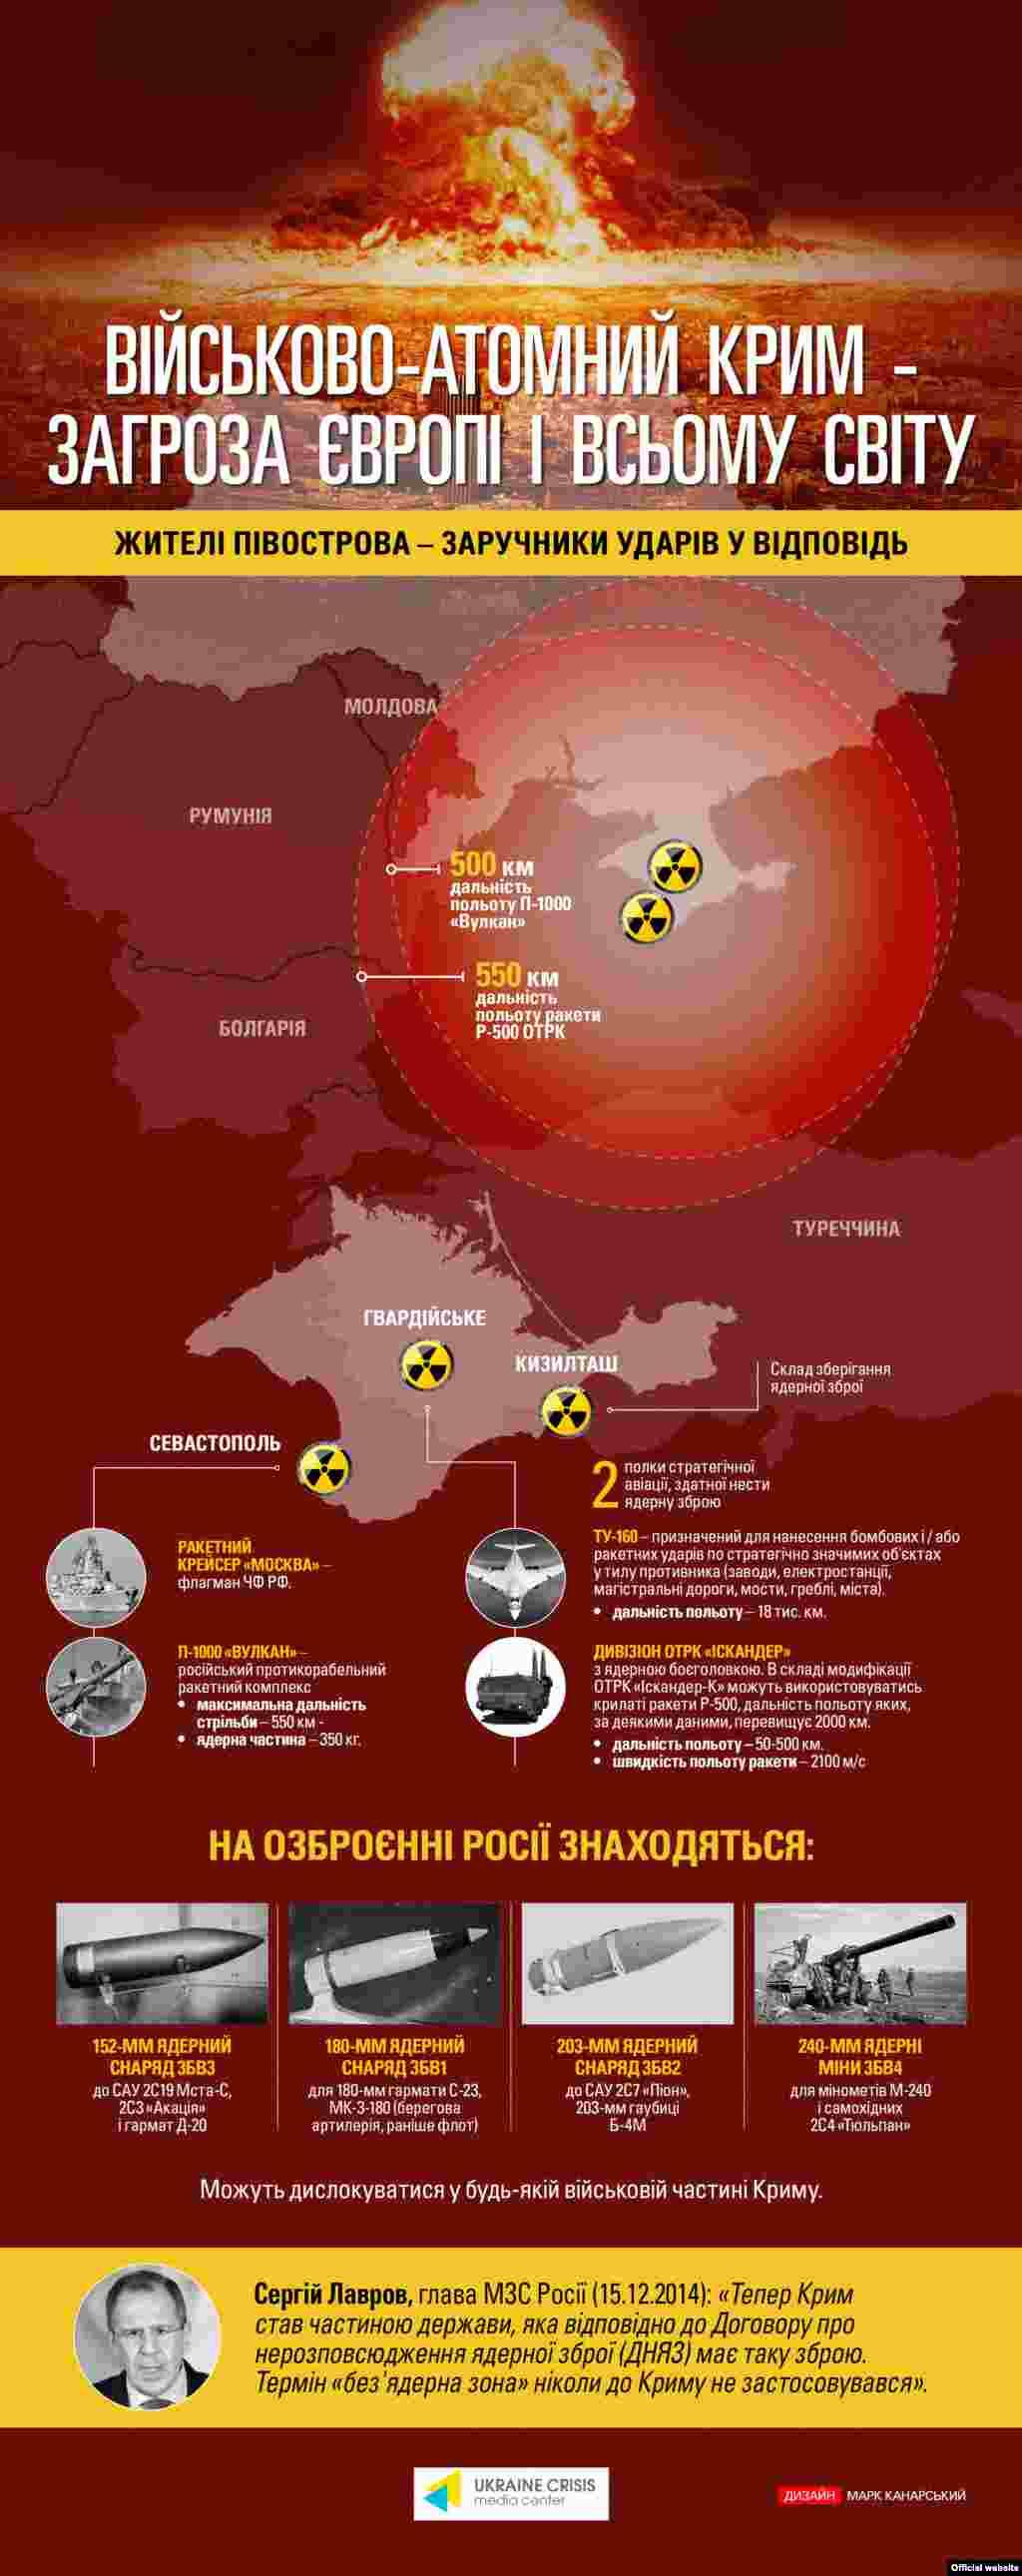 ІнфографікаУкраїнського кризового медіа-центру (www.uacrisis.org/ua)